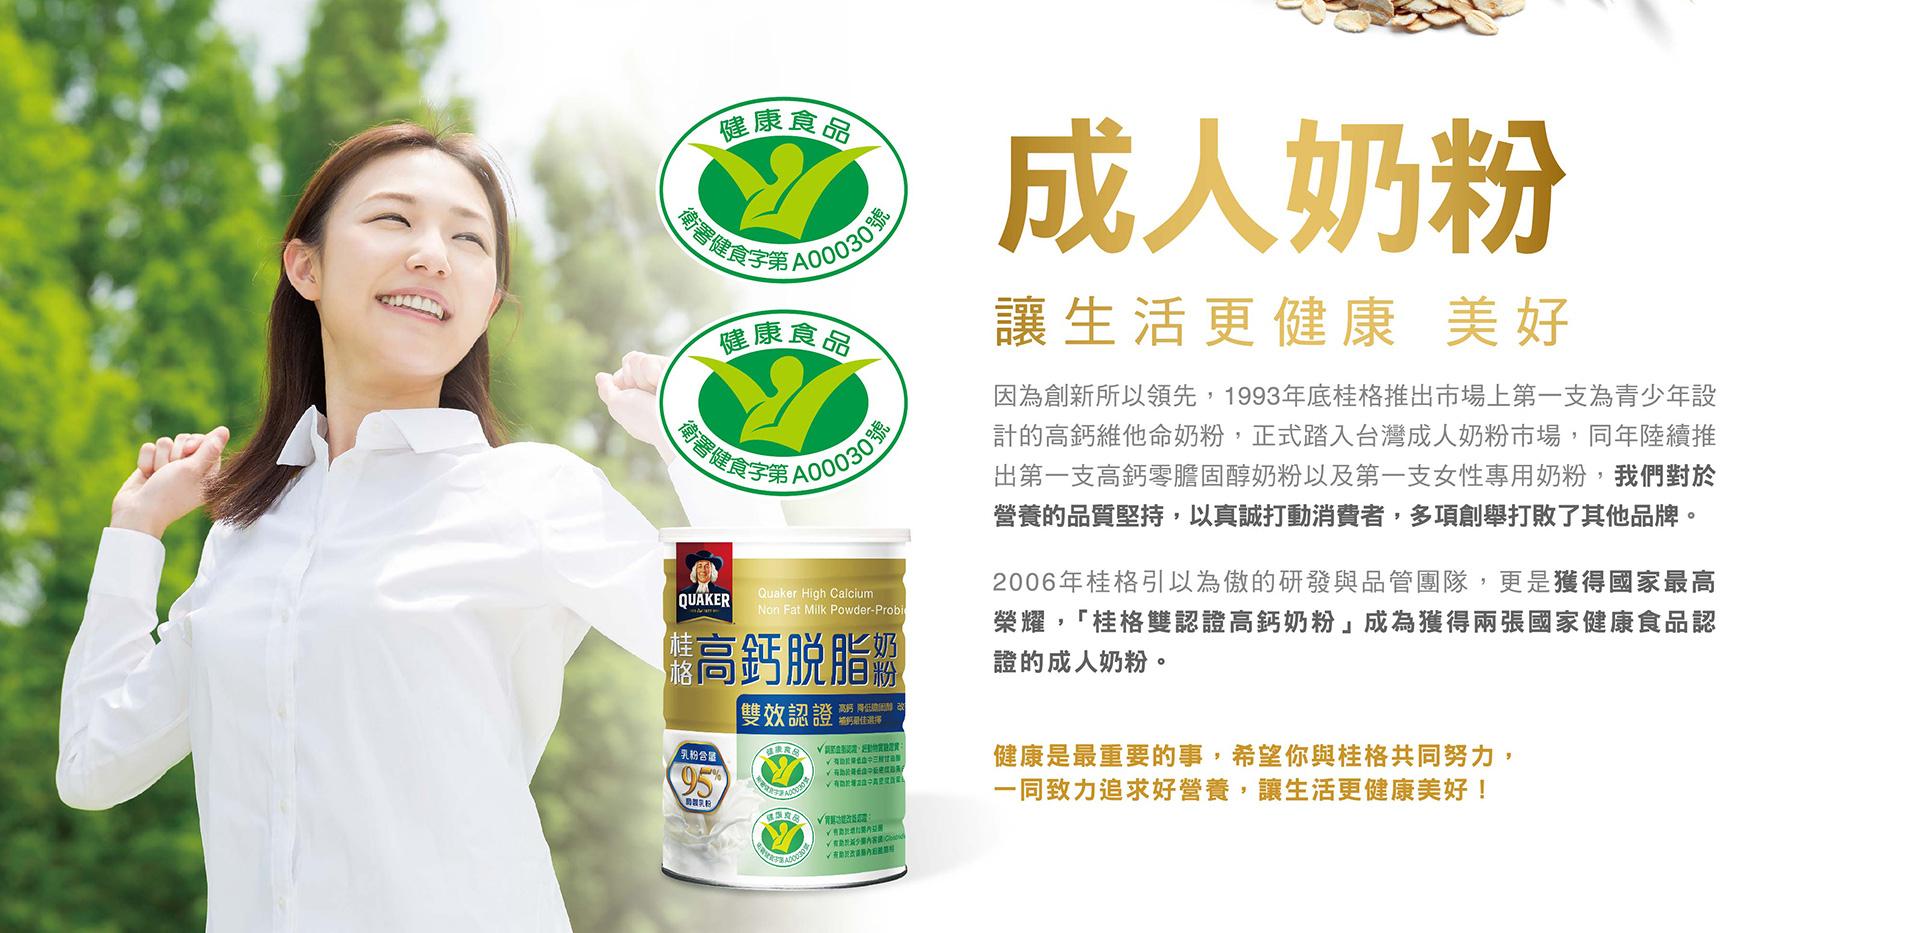 桂格品牌介紹 - 桂格補品、桂格完膳、桂格寶寶、桂格穀物、成人奶粉